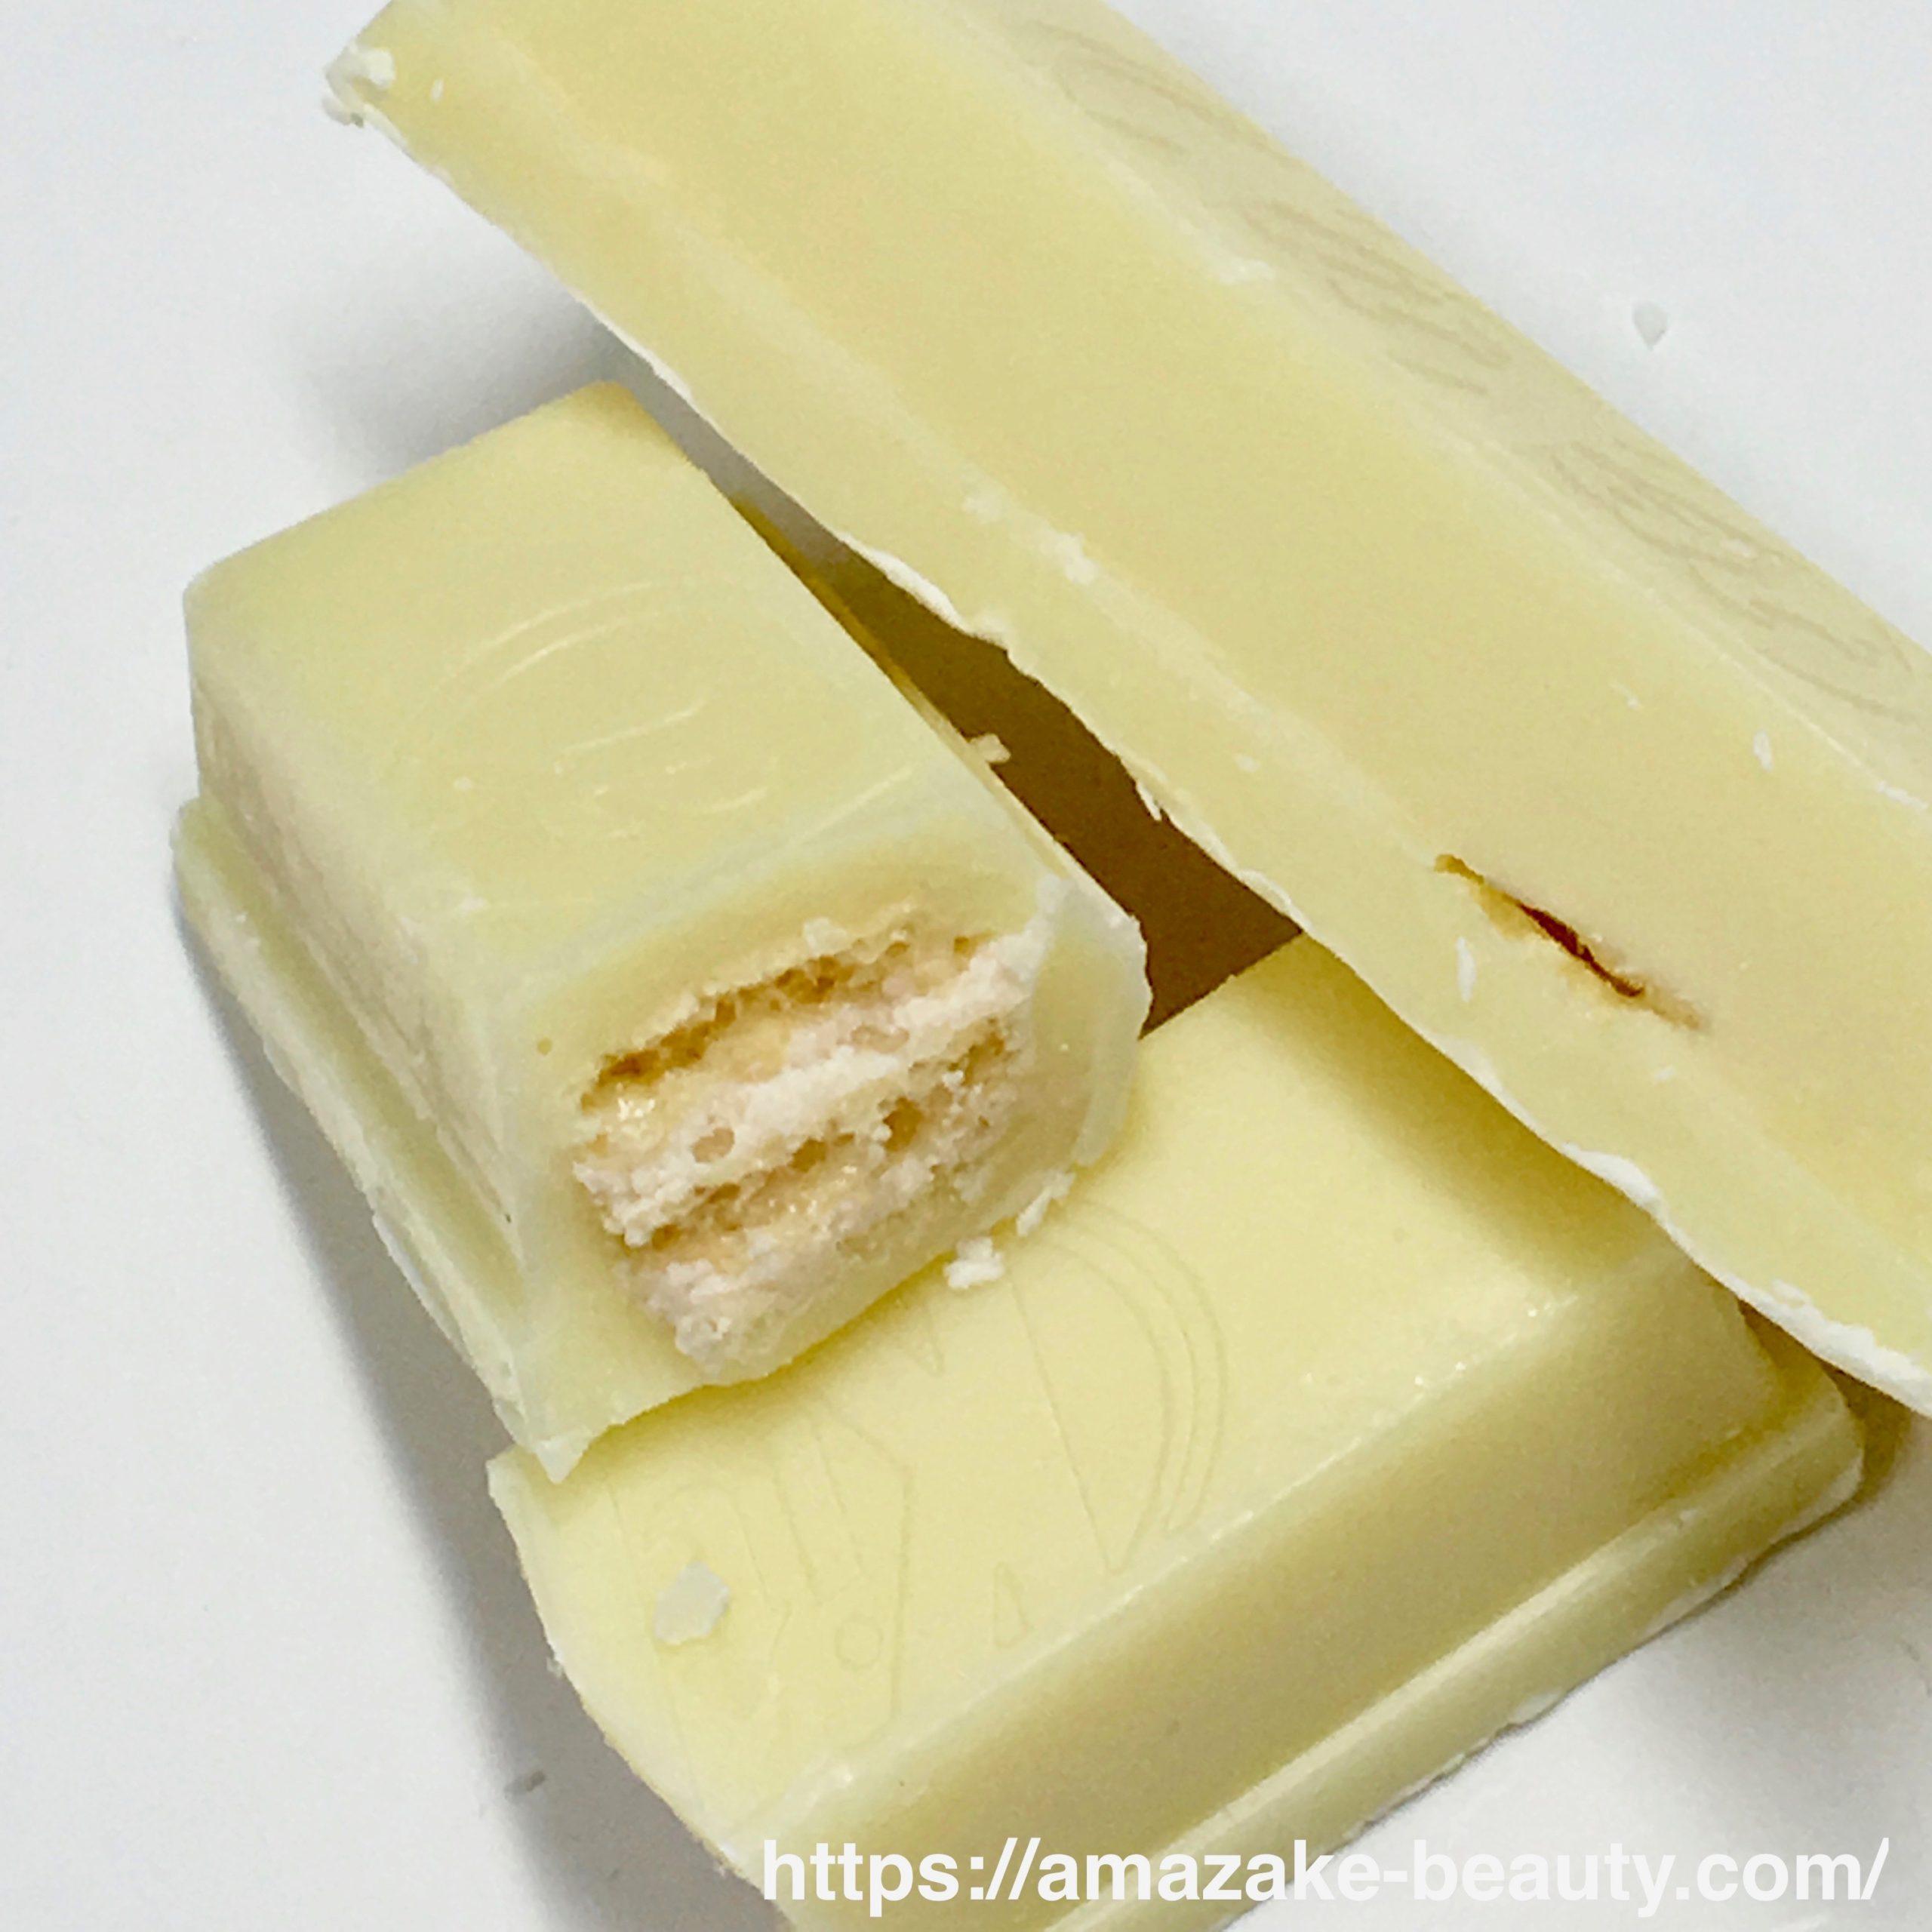 【甘酒甘味】ネスレ『キットカット ミニ 甘酒味』(食べた感想)